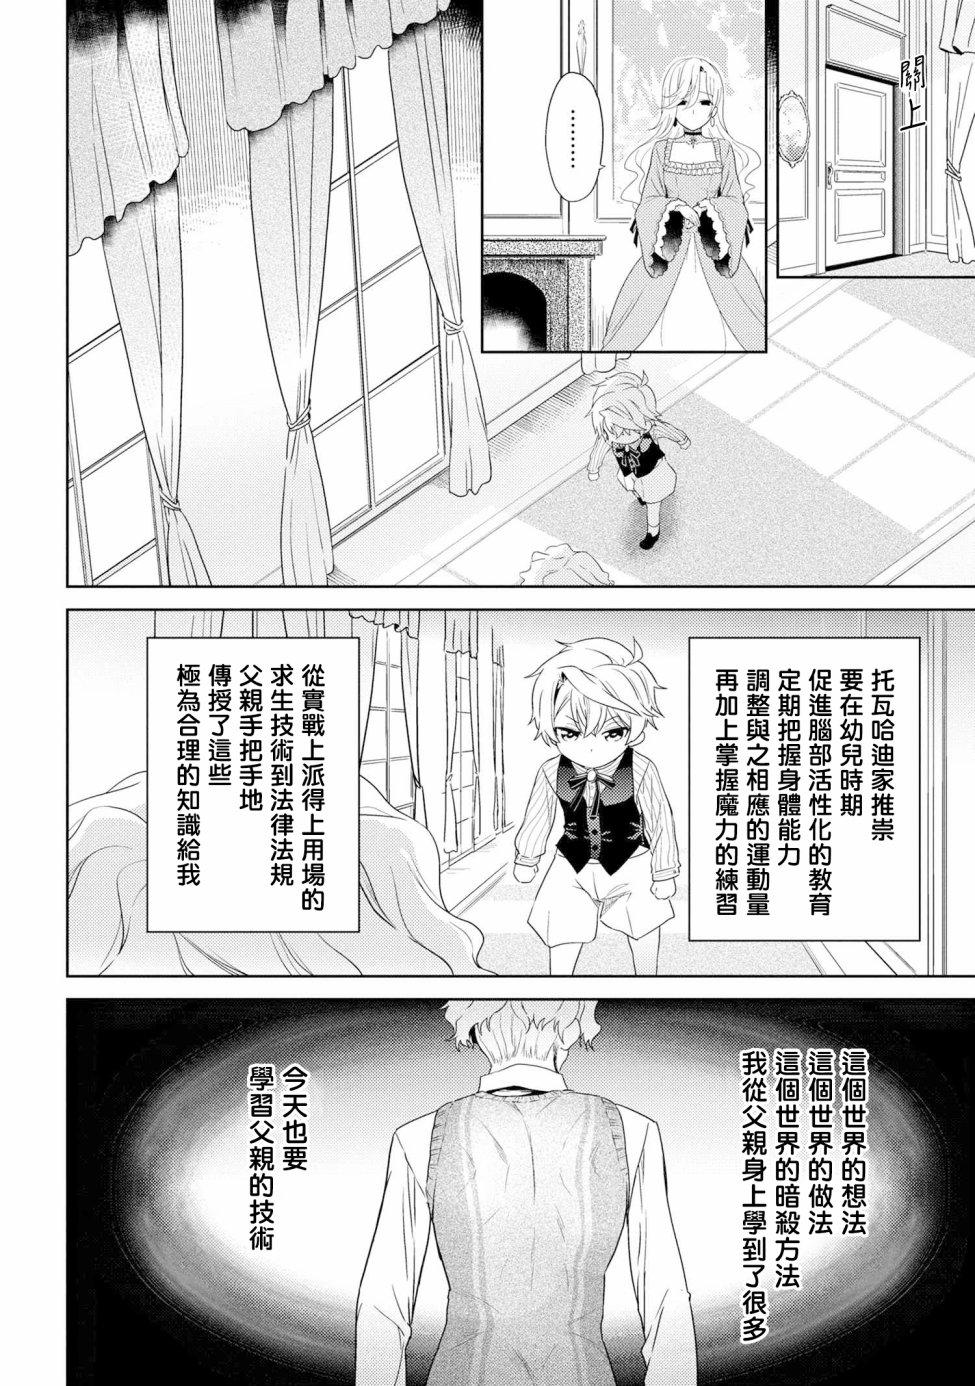 世界最強暗殺者轉生成異世界貴族: 02話 - 第6页